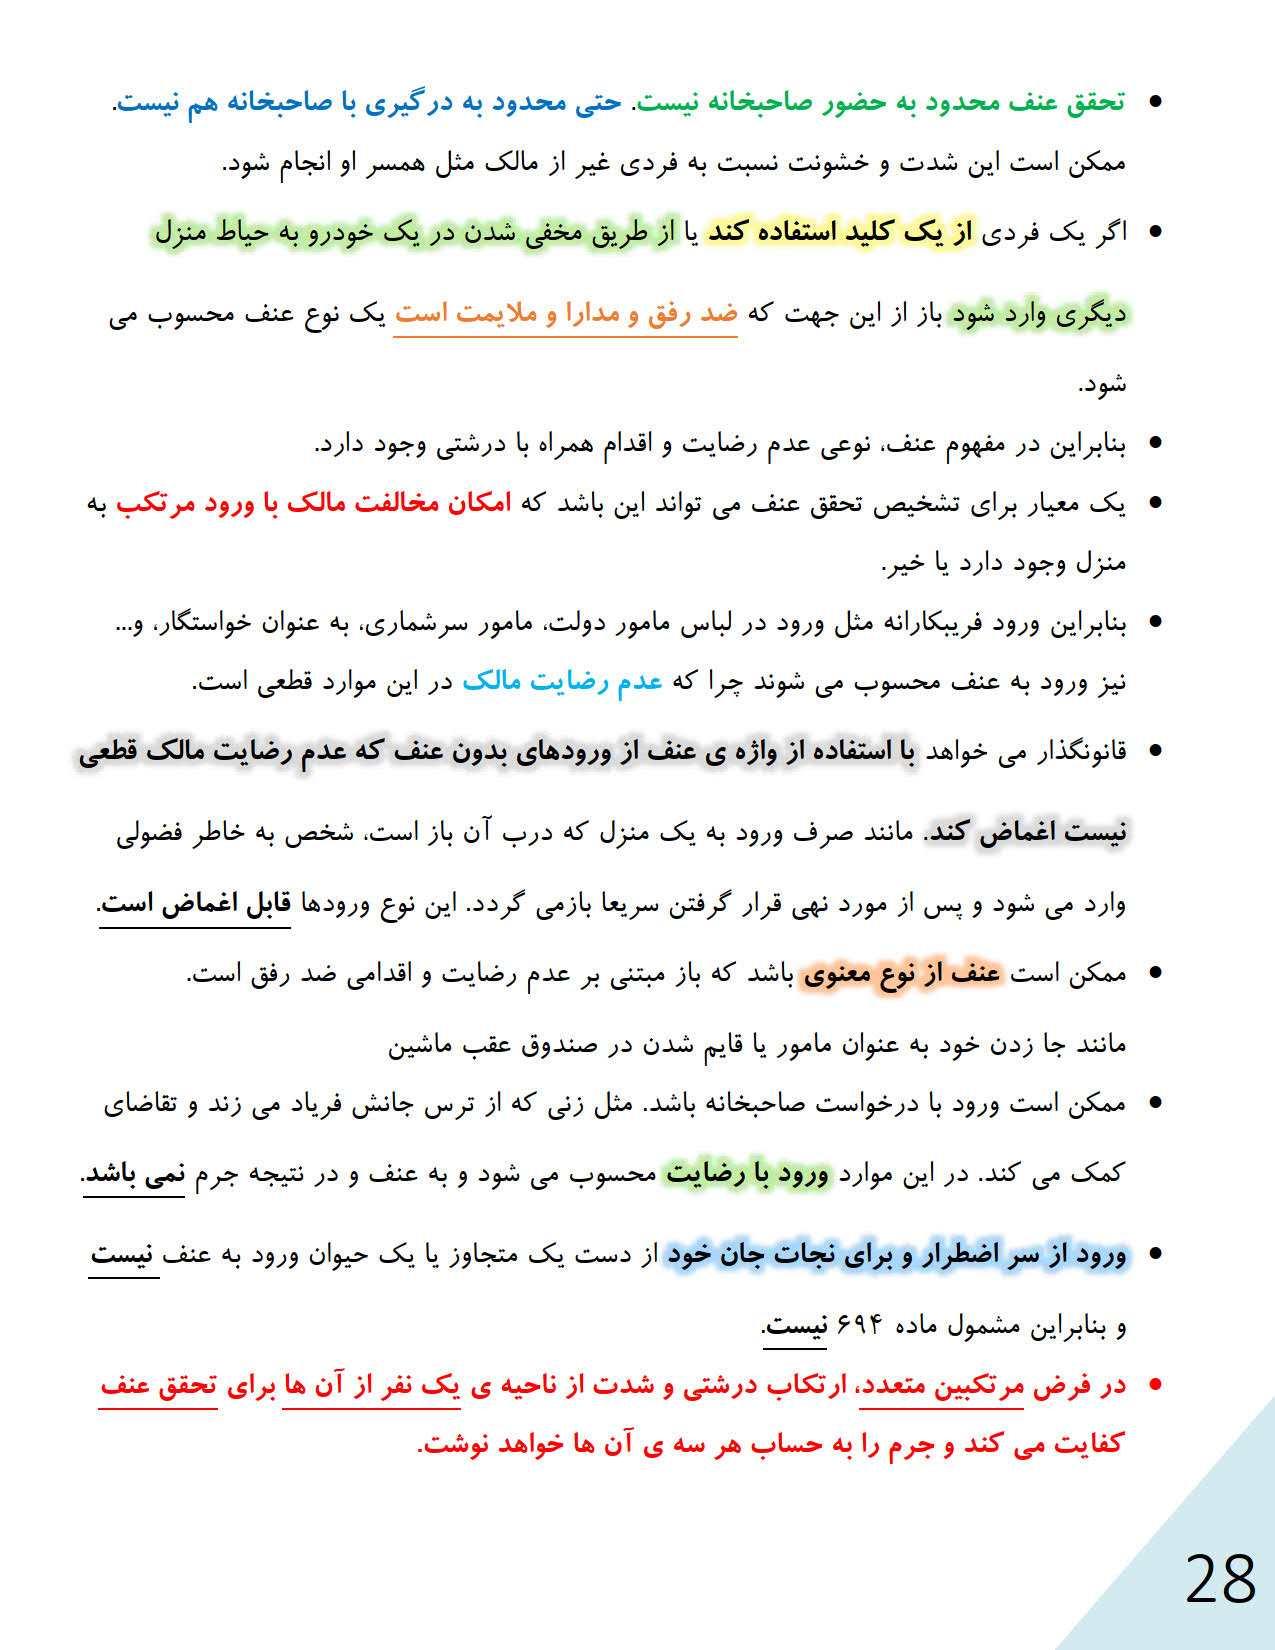 جزوه کامل حقوق جزای اختصاصی چهار (4) جرایم علیه شخصیت معنوی